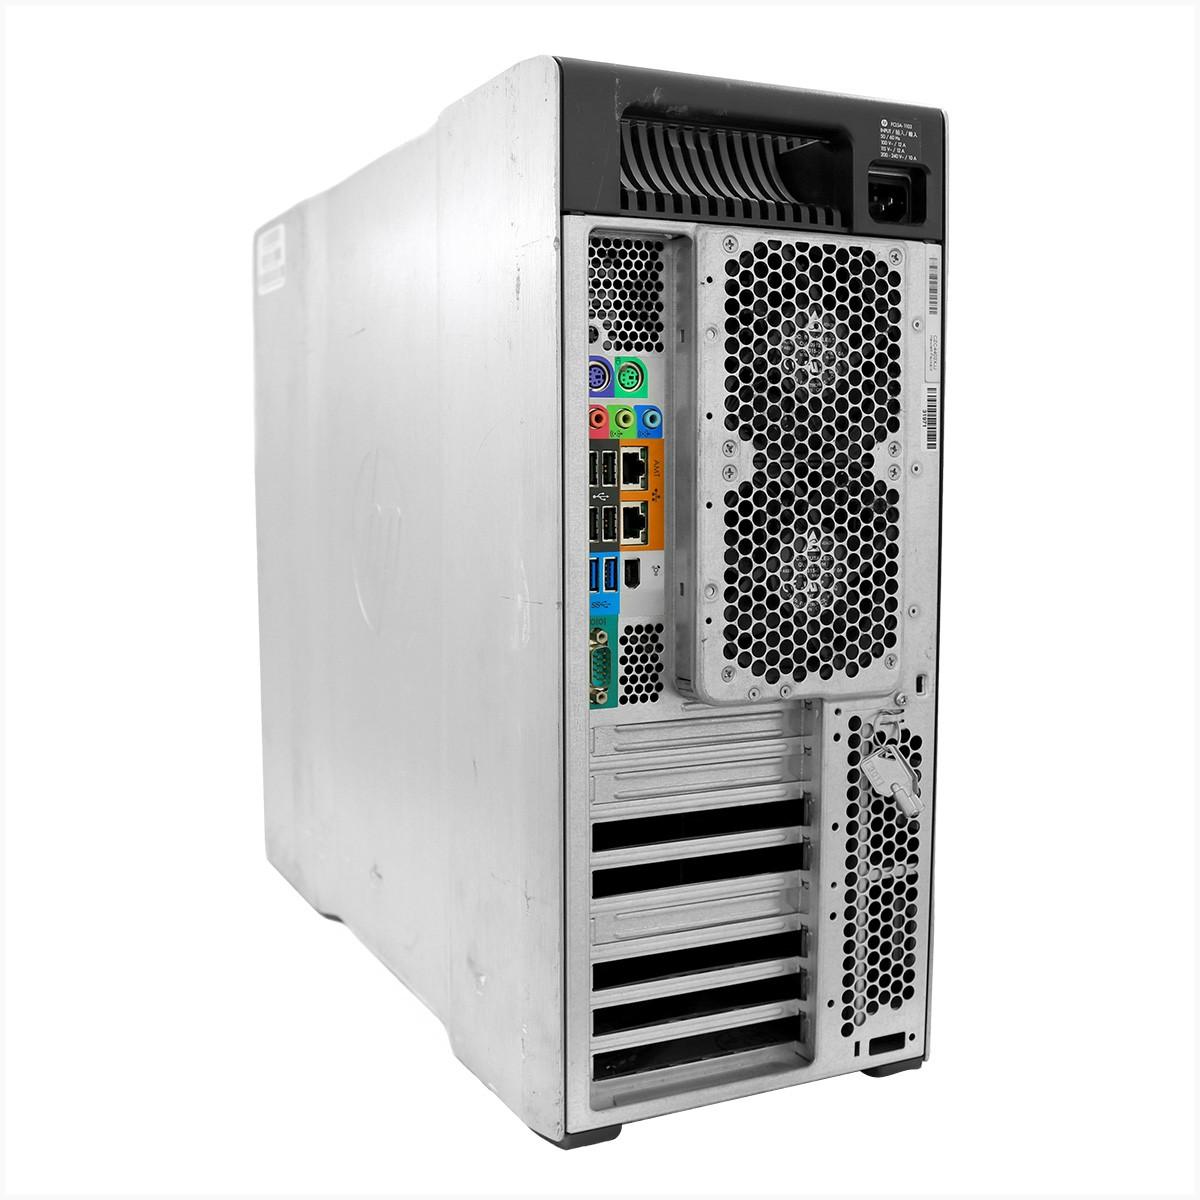 Workstation hp z820 xeon e5 2687 v2 32gb 480gb ssd - usado